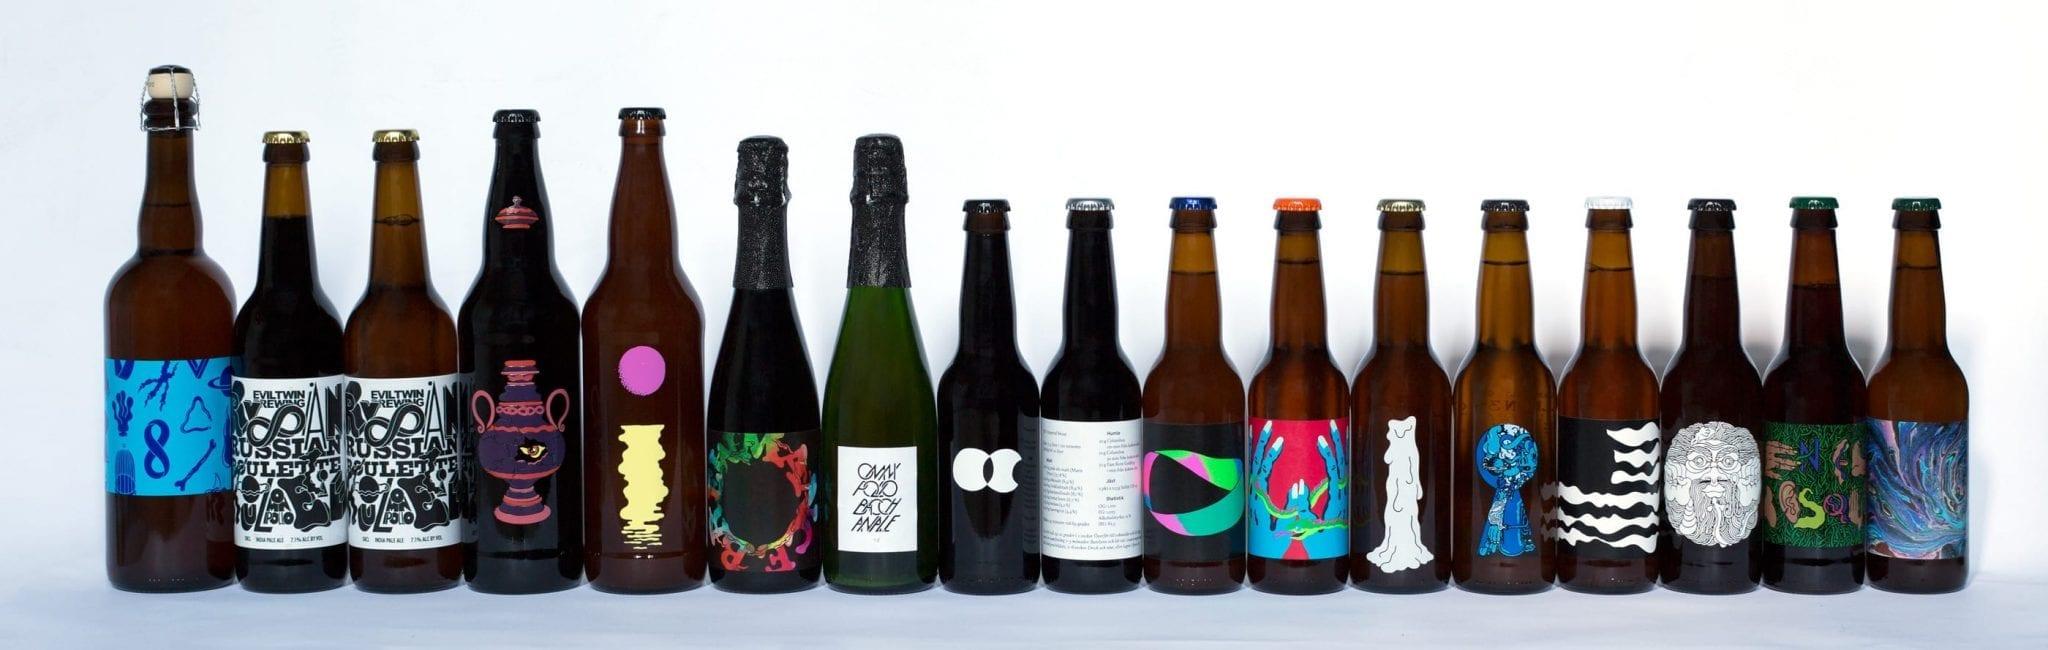 Omnipollo_bottles_0223